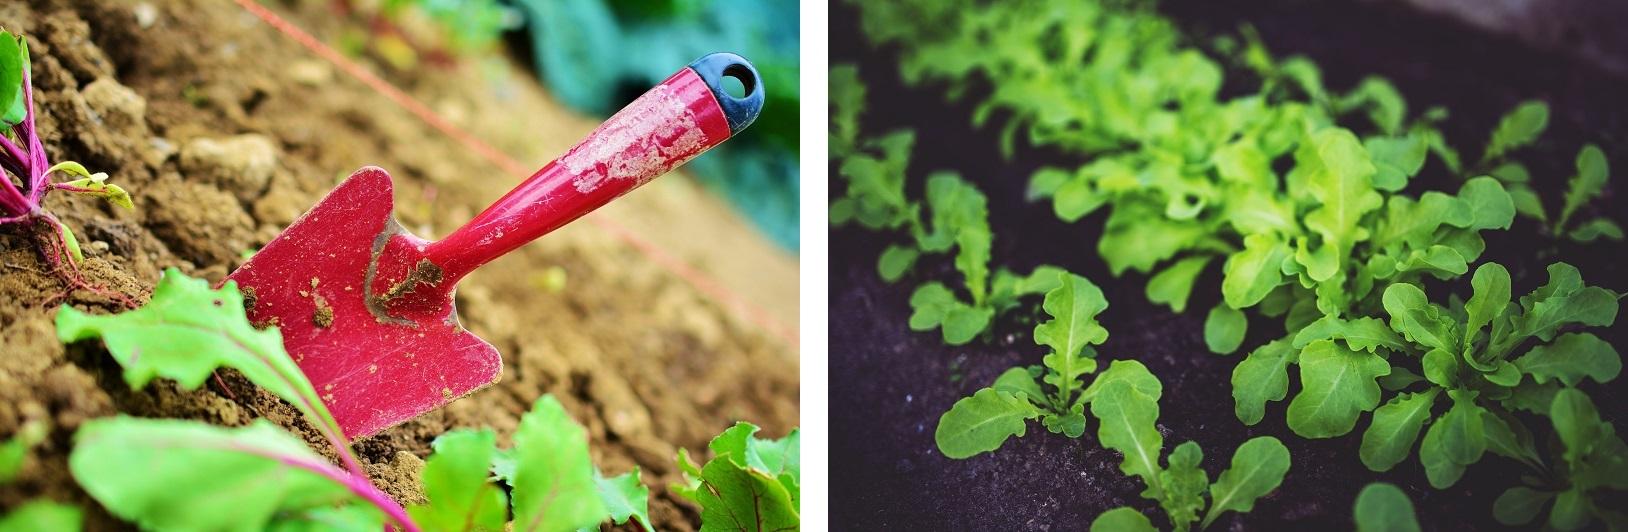 Stworzenie własnego warzywnika to nic trudnego - wykorzystaj drewnianą architekturę ogrodową